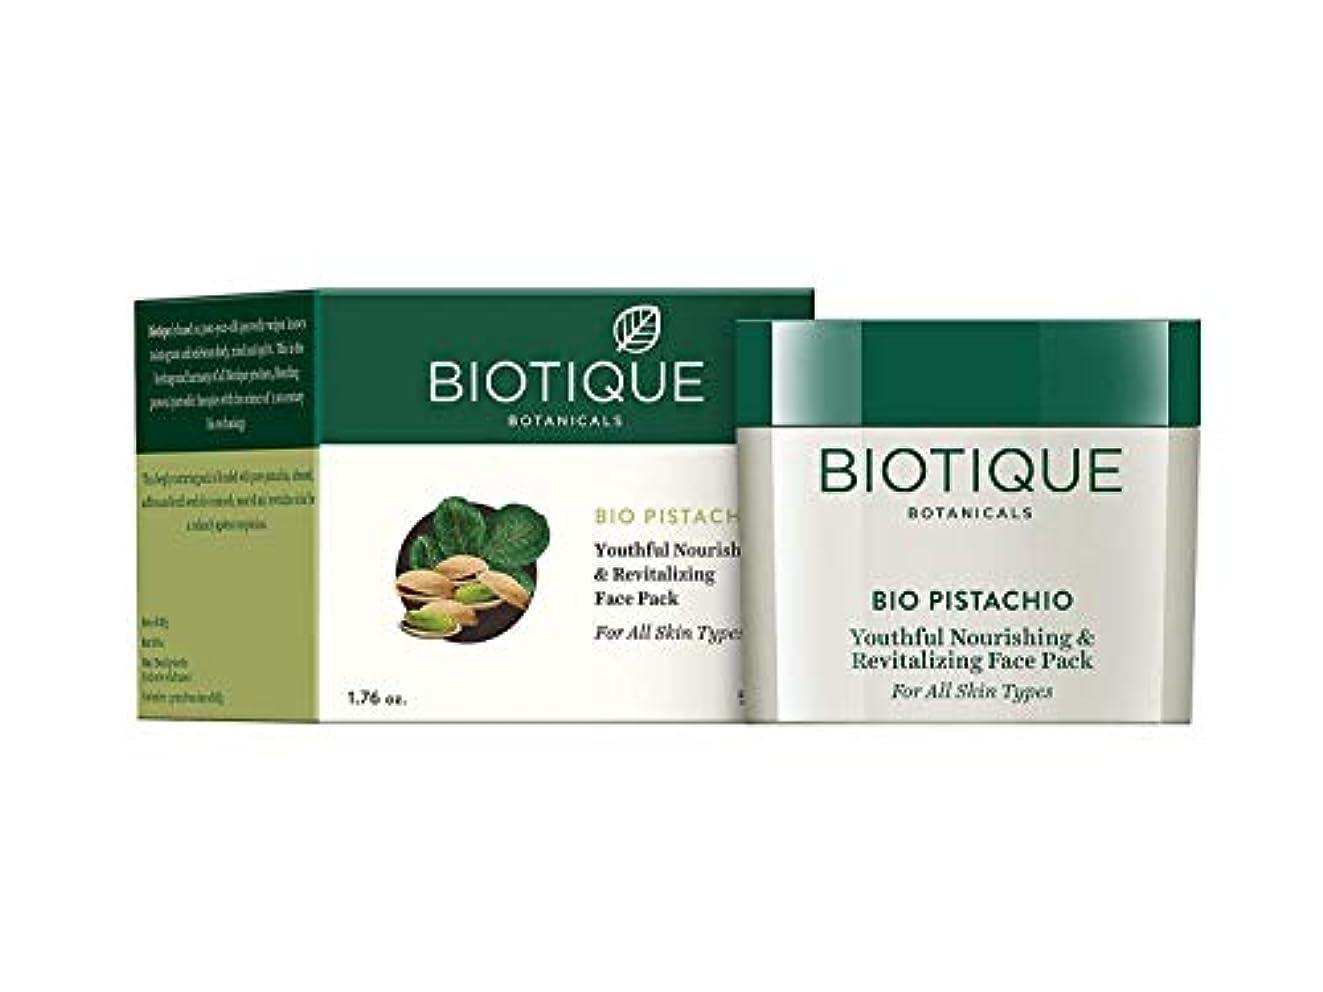 くるみ望むドリンクBiotique Bio Pistachio Youthful Nourishing & Revitalizing Face Pack 50 grams ビオティックバイオピスタチオ若々しい栄養と活力を与えるフェイスパック